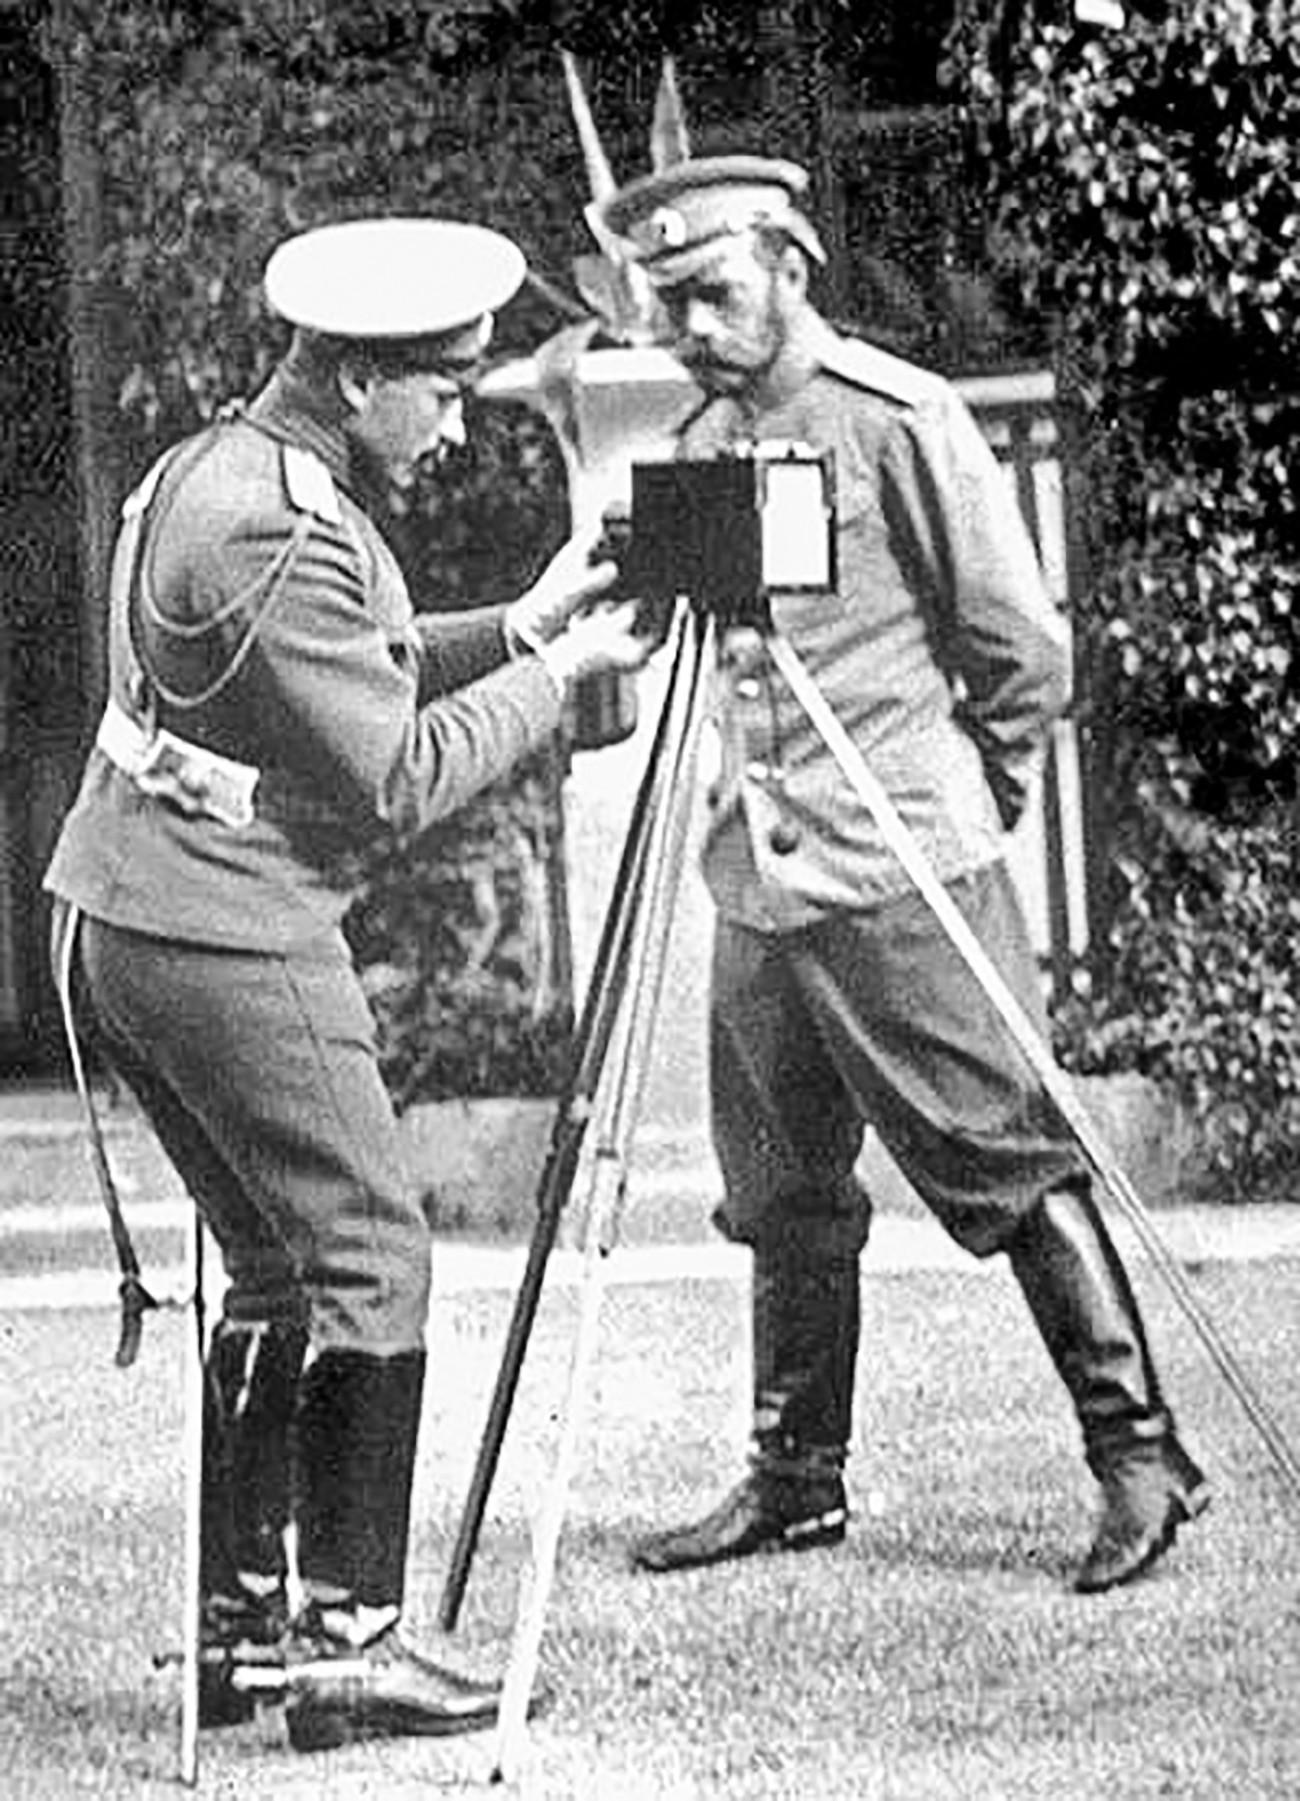 Николай Второй следит за установкой фотоаппарата на треногу